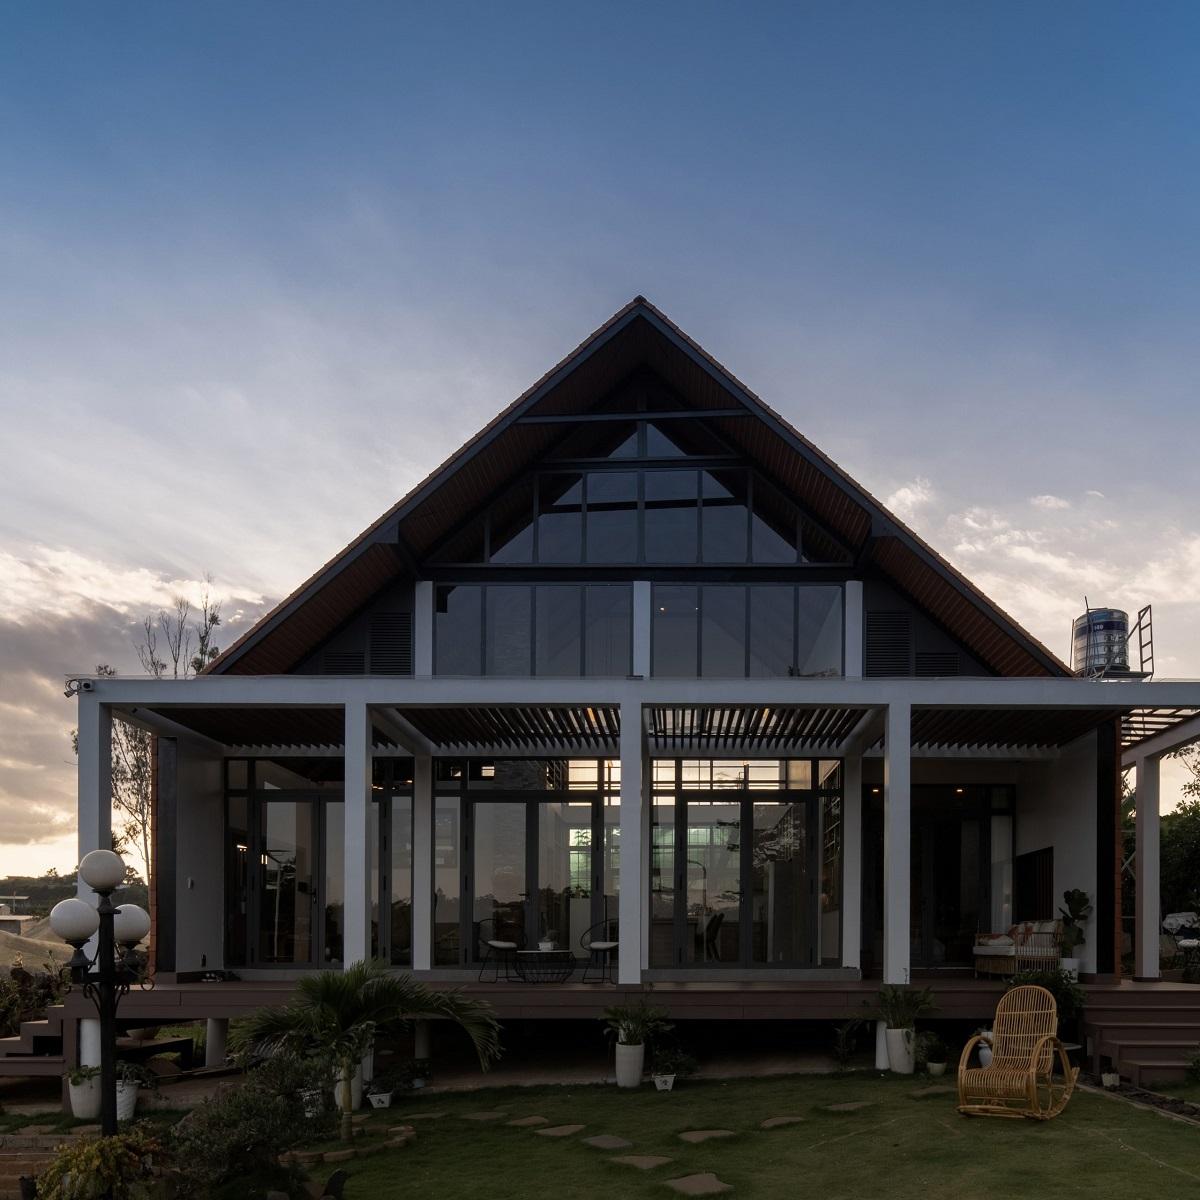 kienviet xuan anh house tan huong khong gian yen binh garchitects 12 - Nhà Xuân Anh - Tìm về chốn yên bình